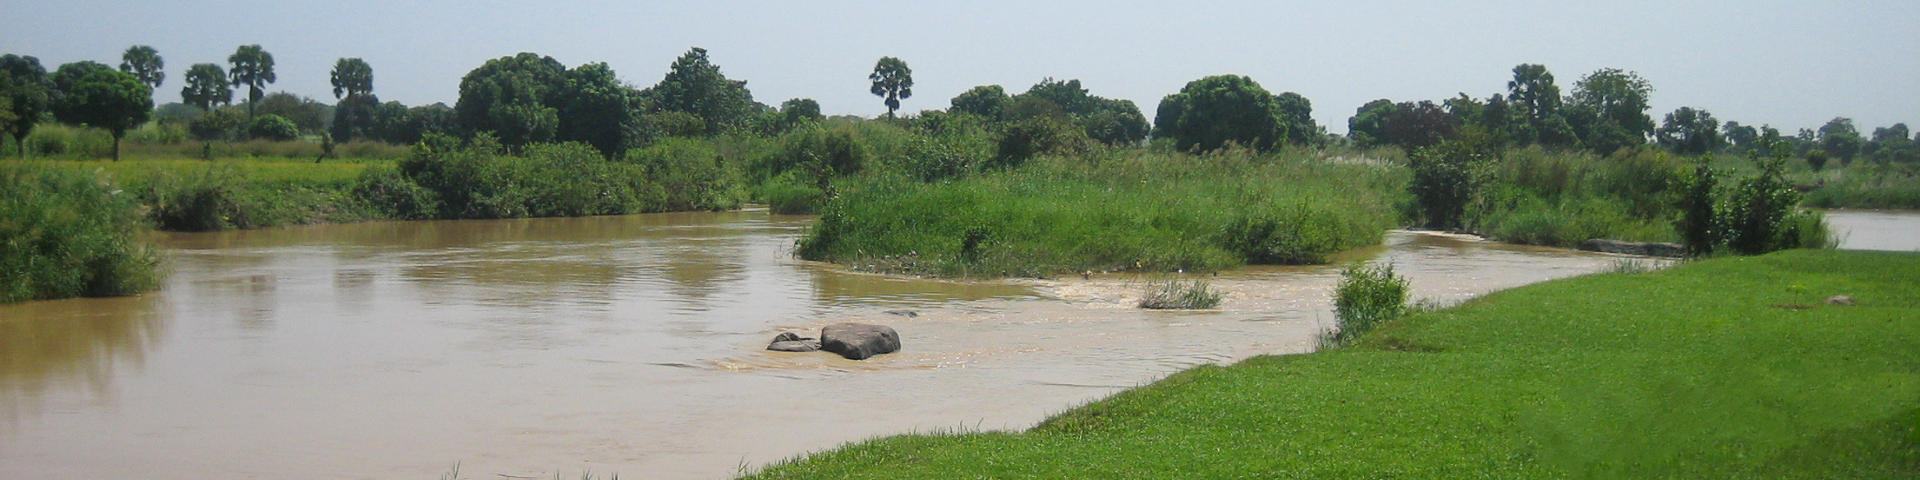 Kaduna route hero